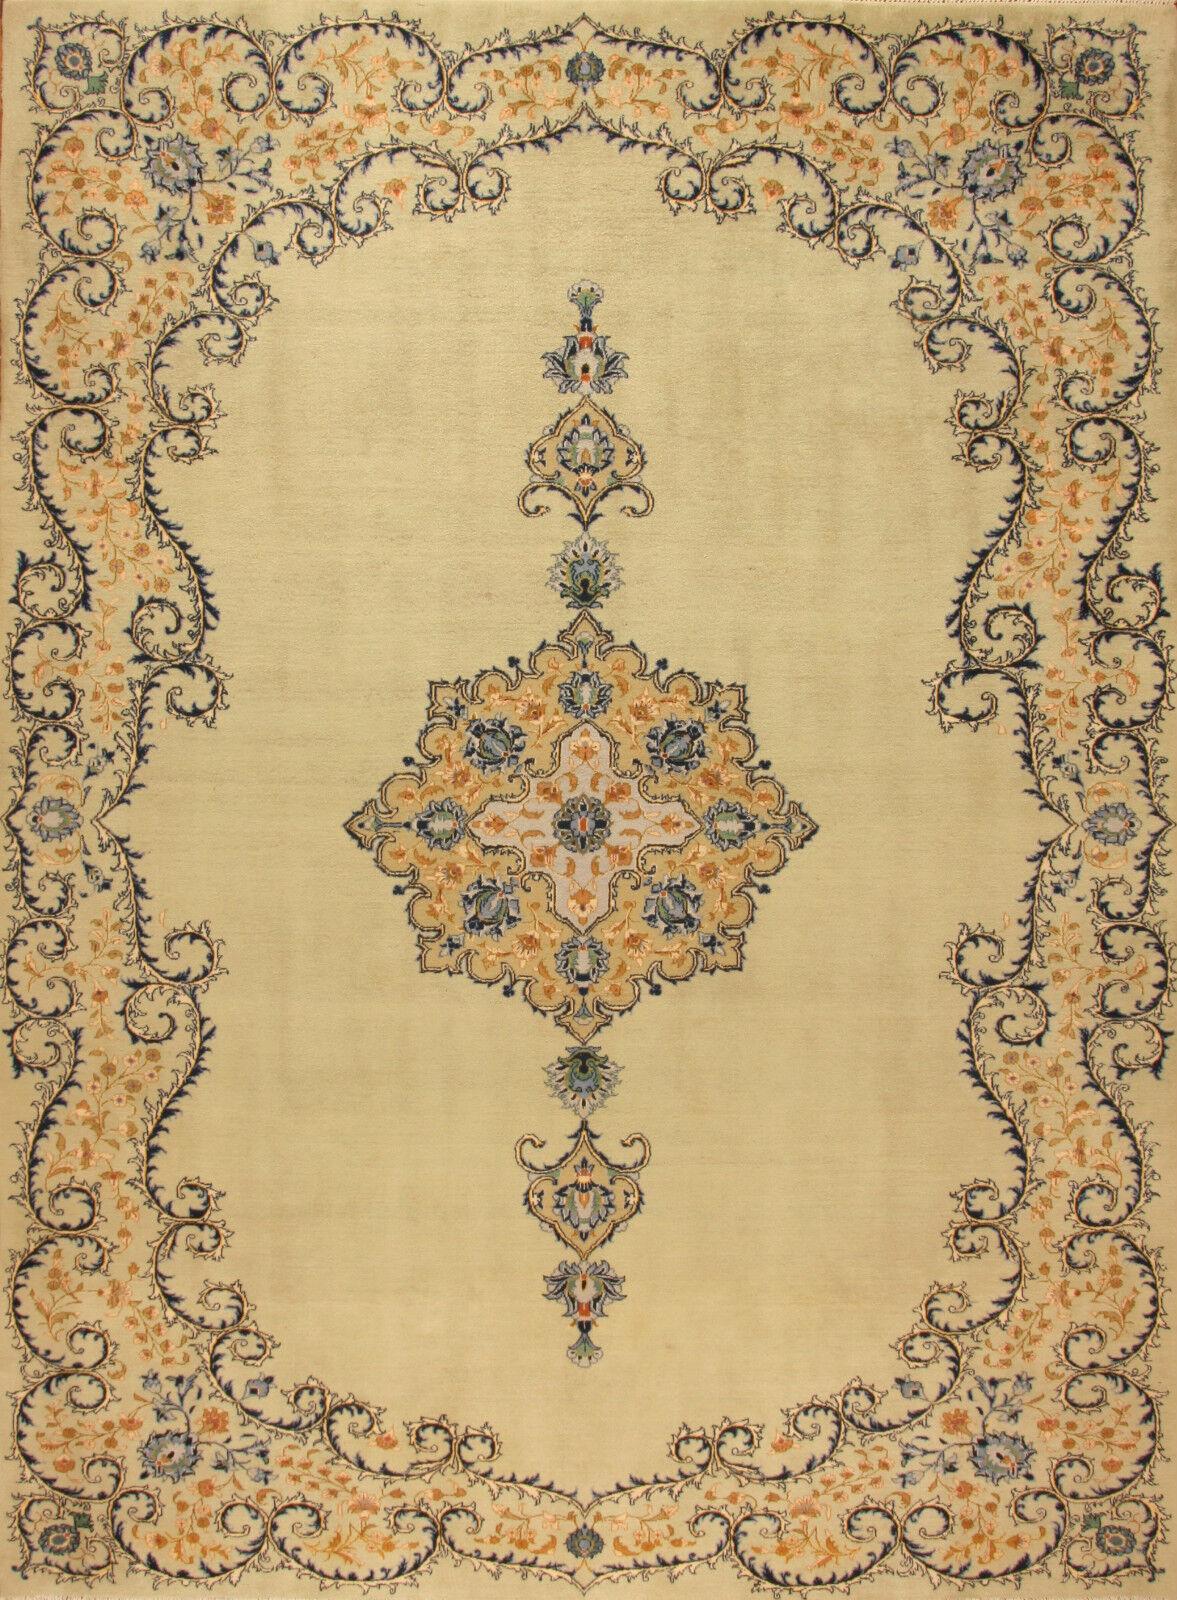 Alfombras orientales Auténticas hechas a mano persas nr. 3932 (352 x 262) cm